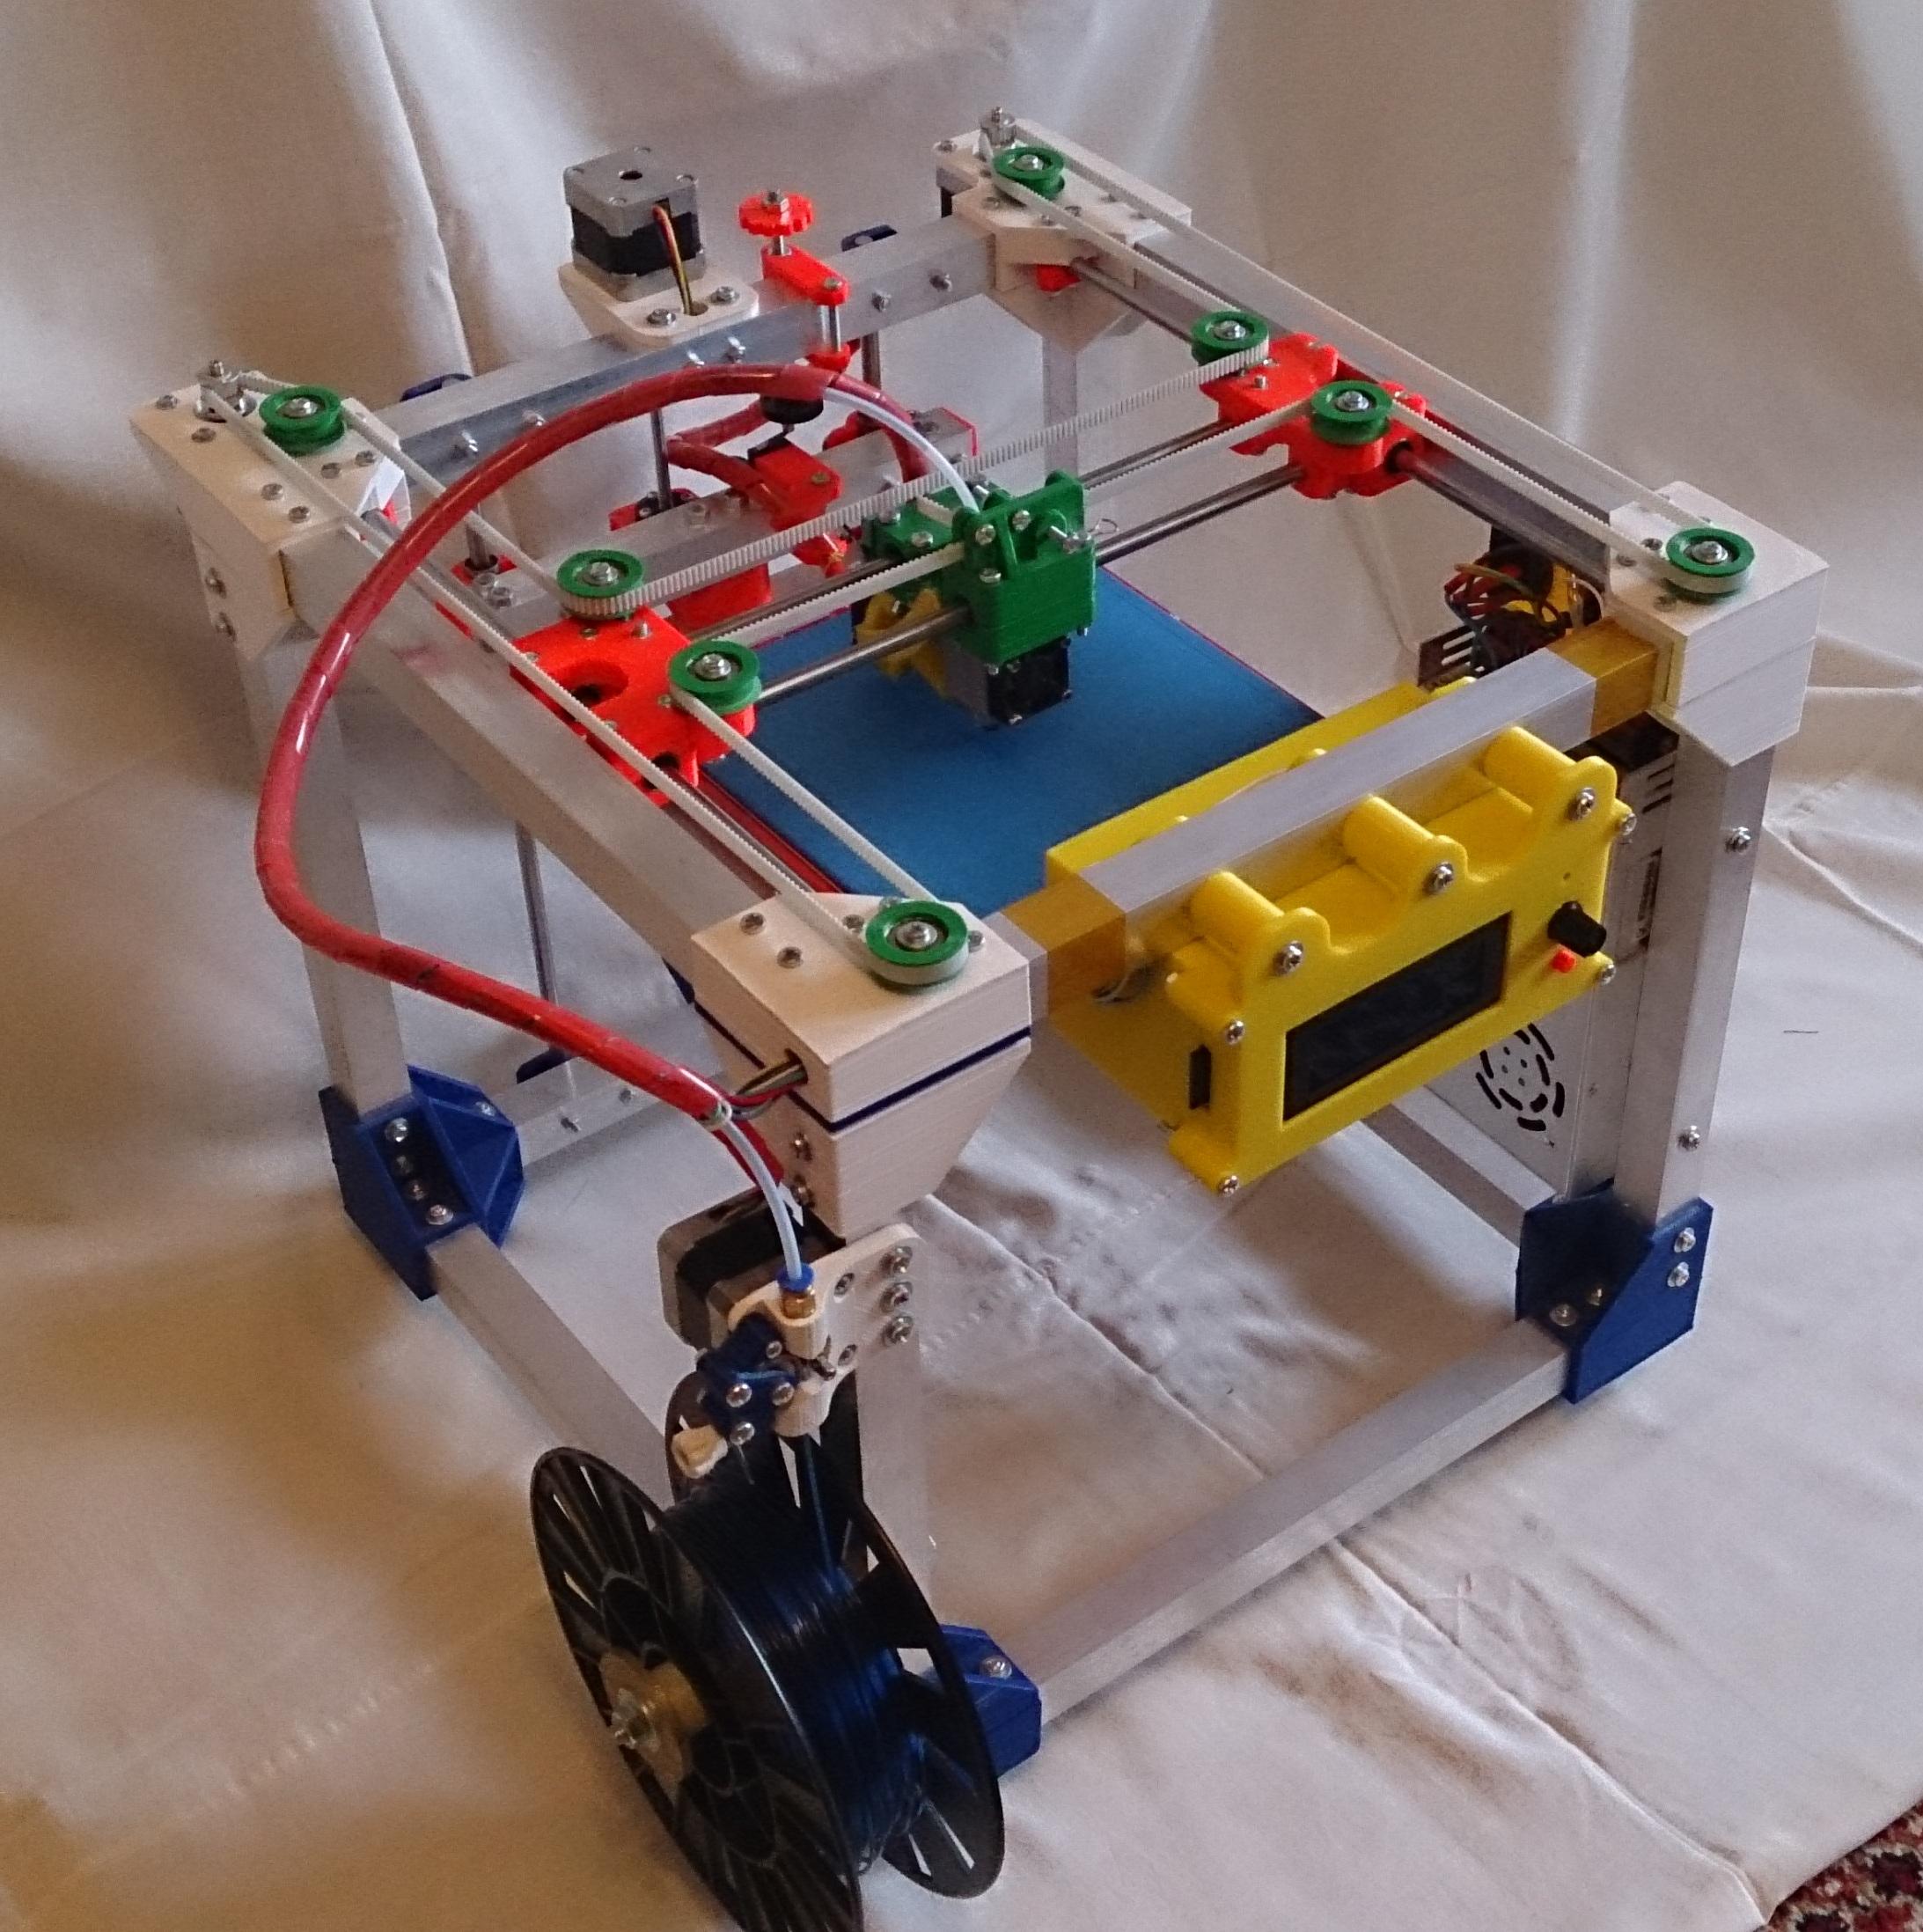 Как волгоградский школьник открыл производство 3D-принтеров